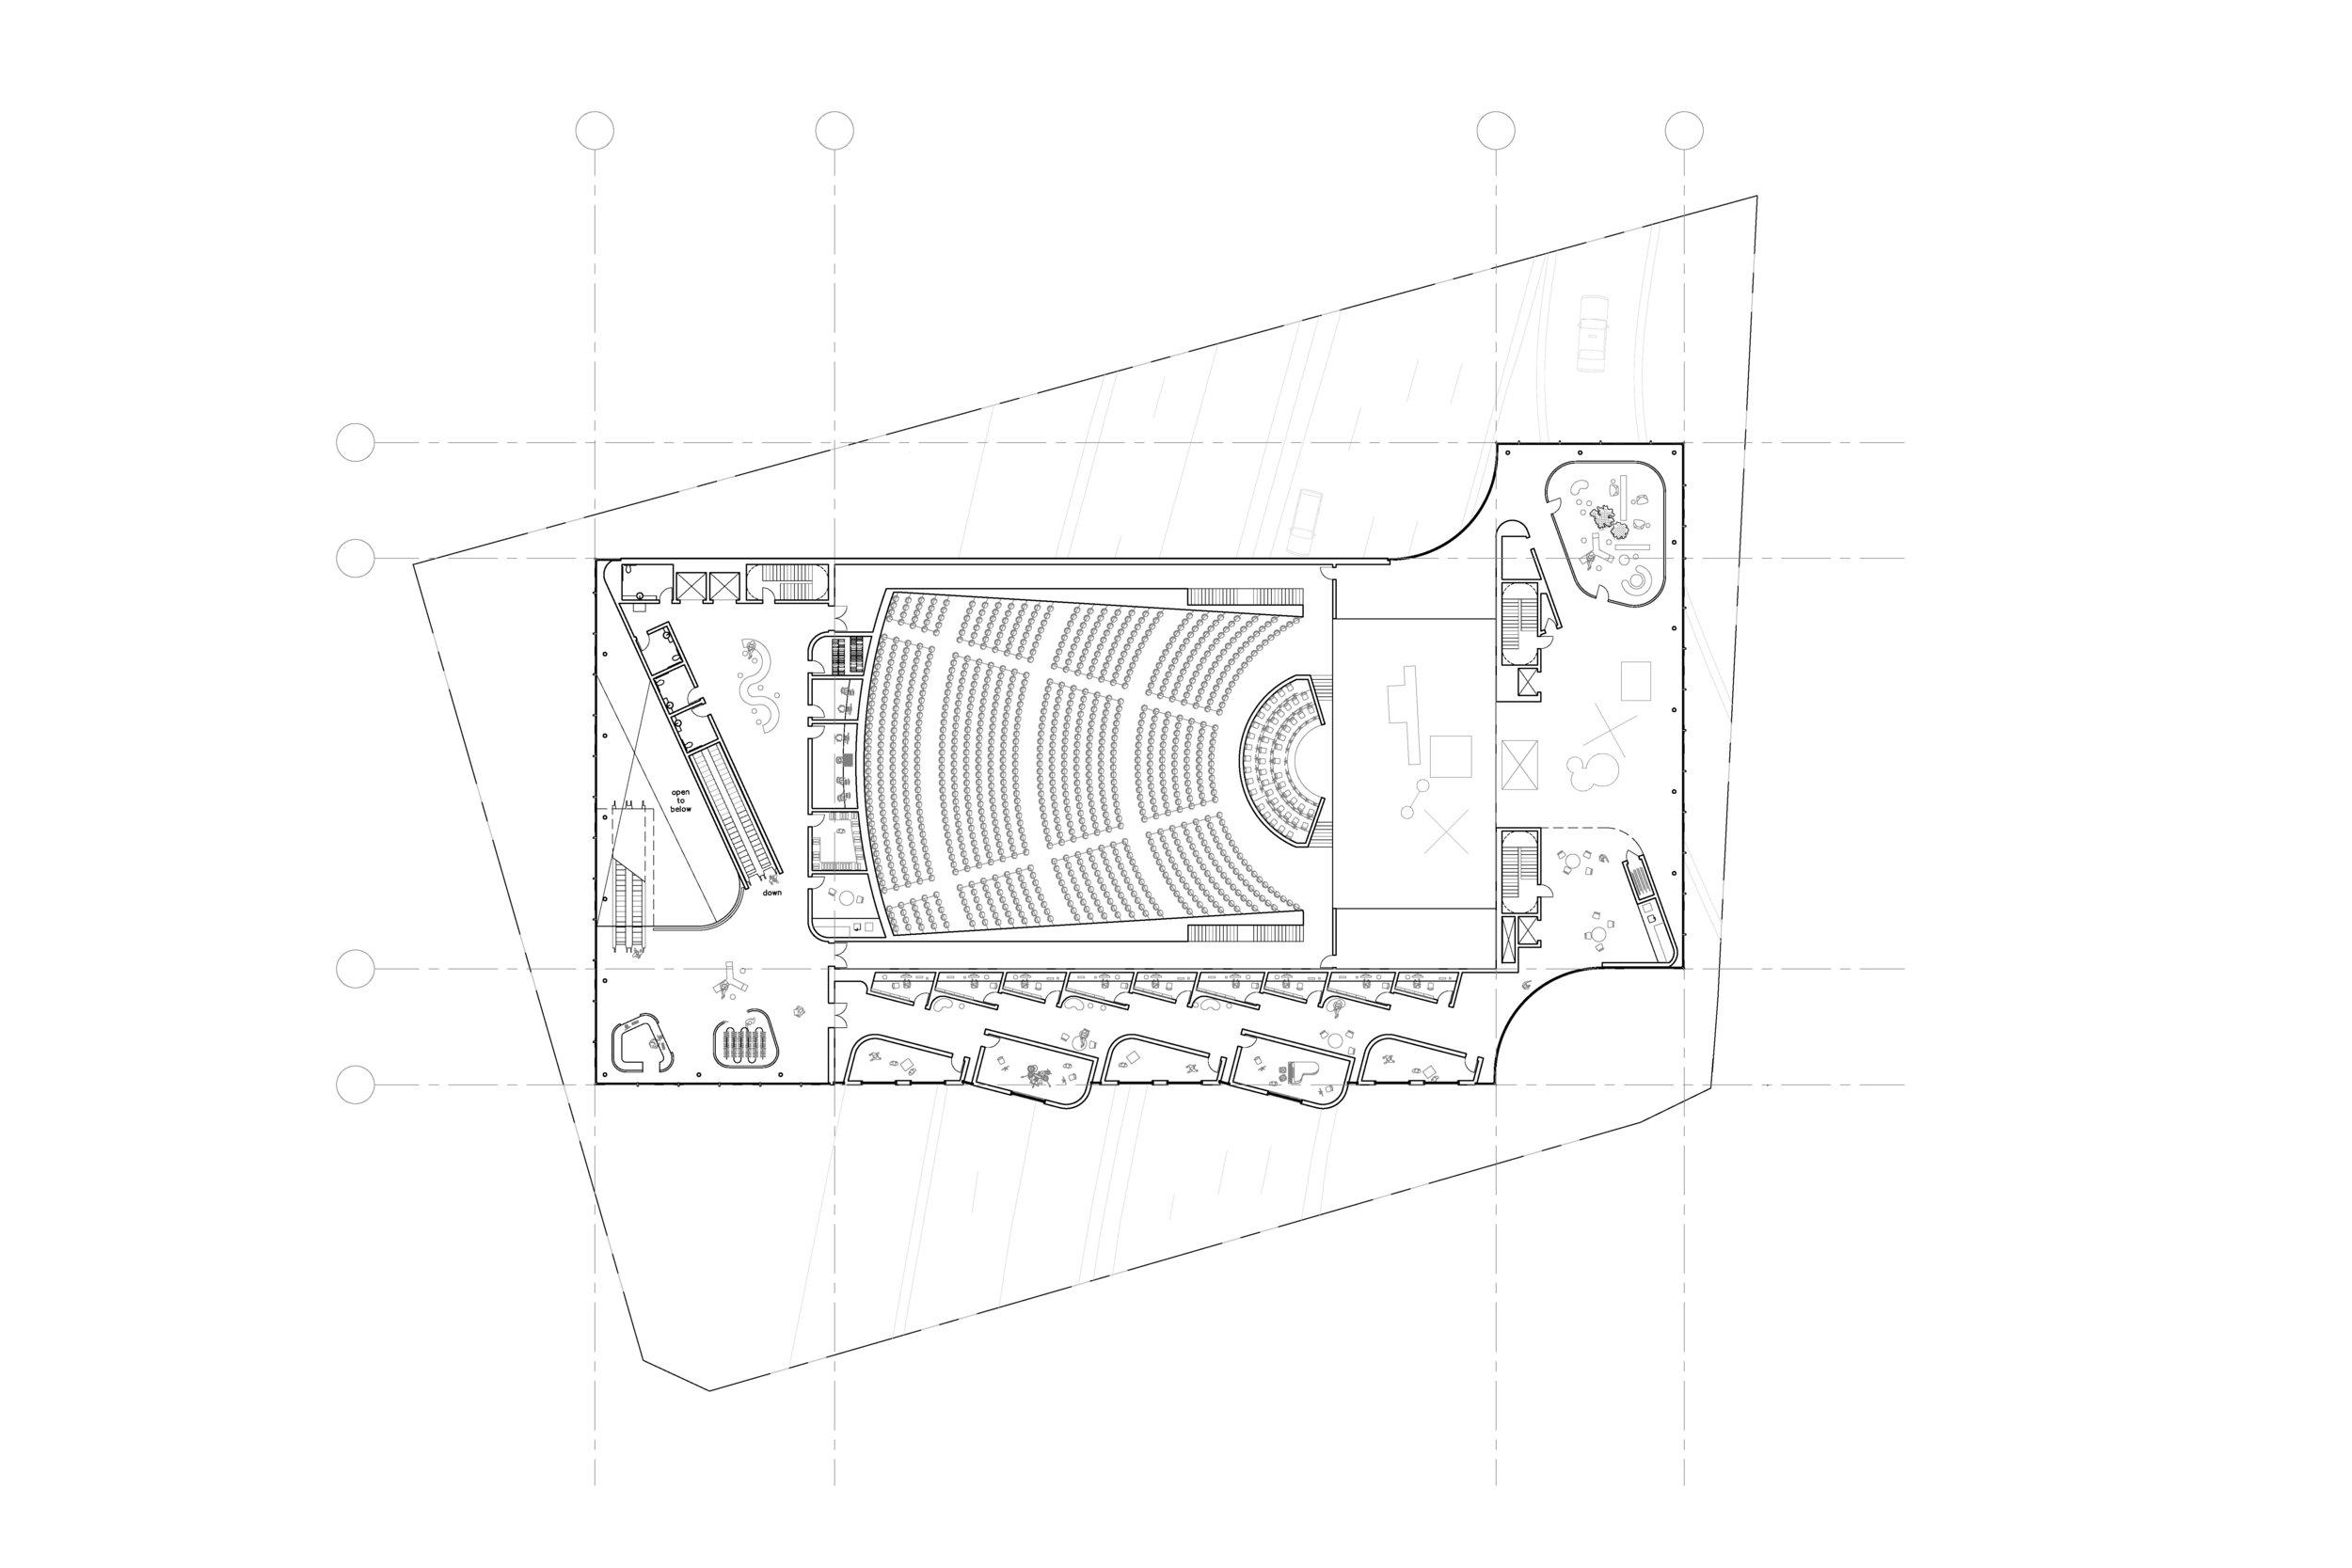 Level 3, Main Auditorium